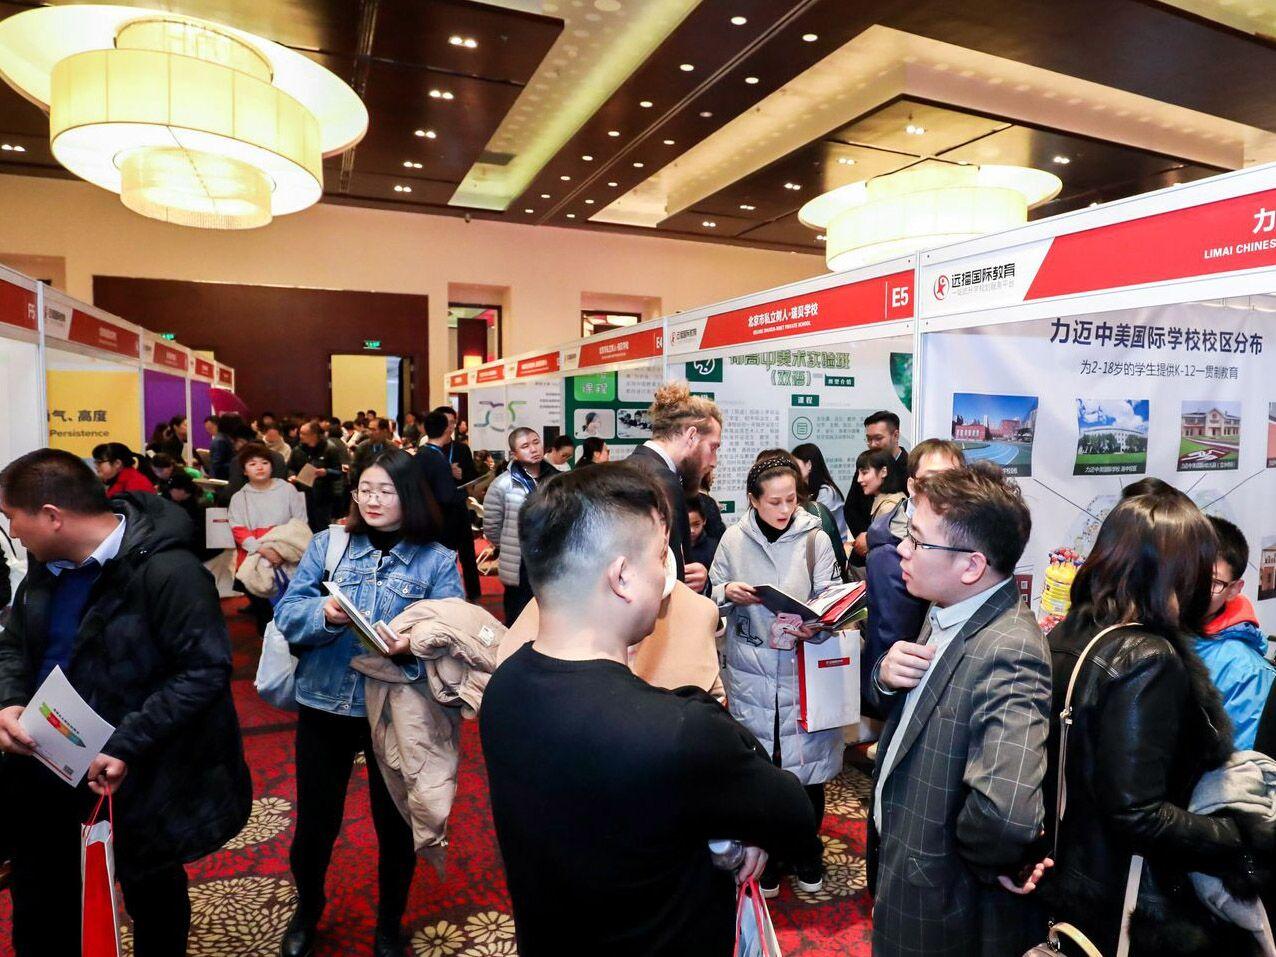 北京国际化学校-11月远播升学教育展